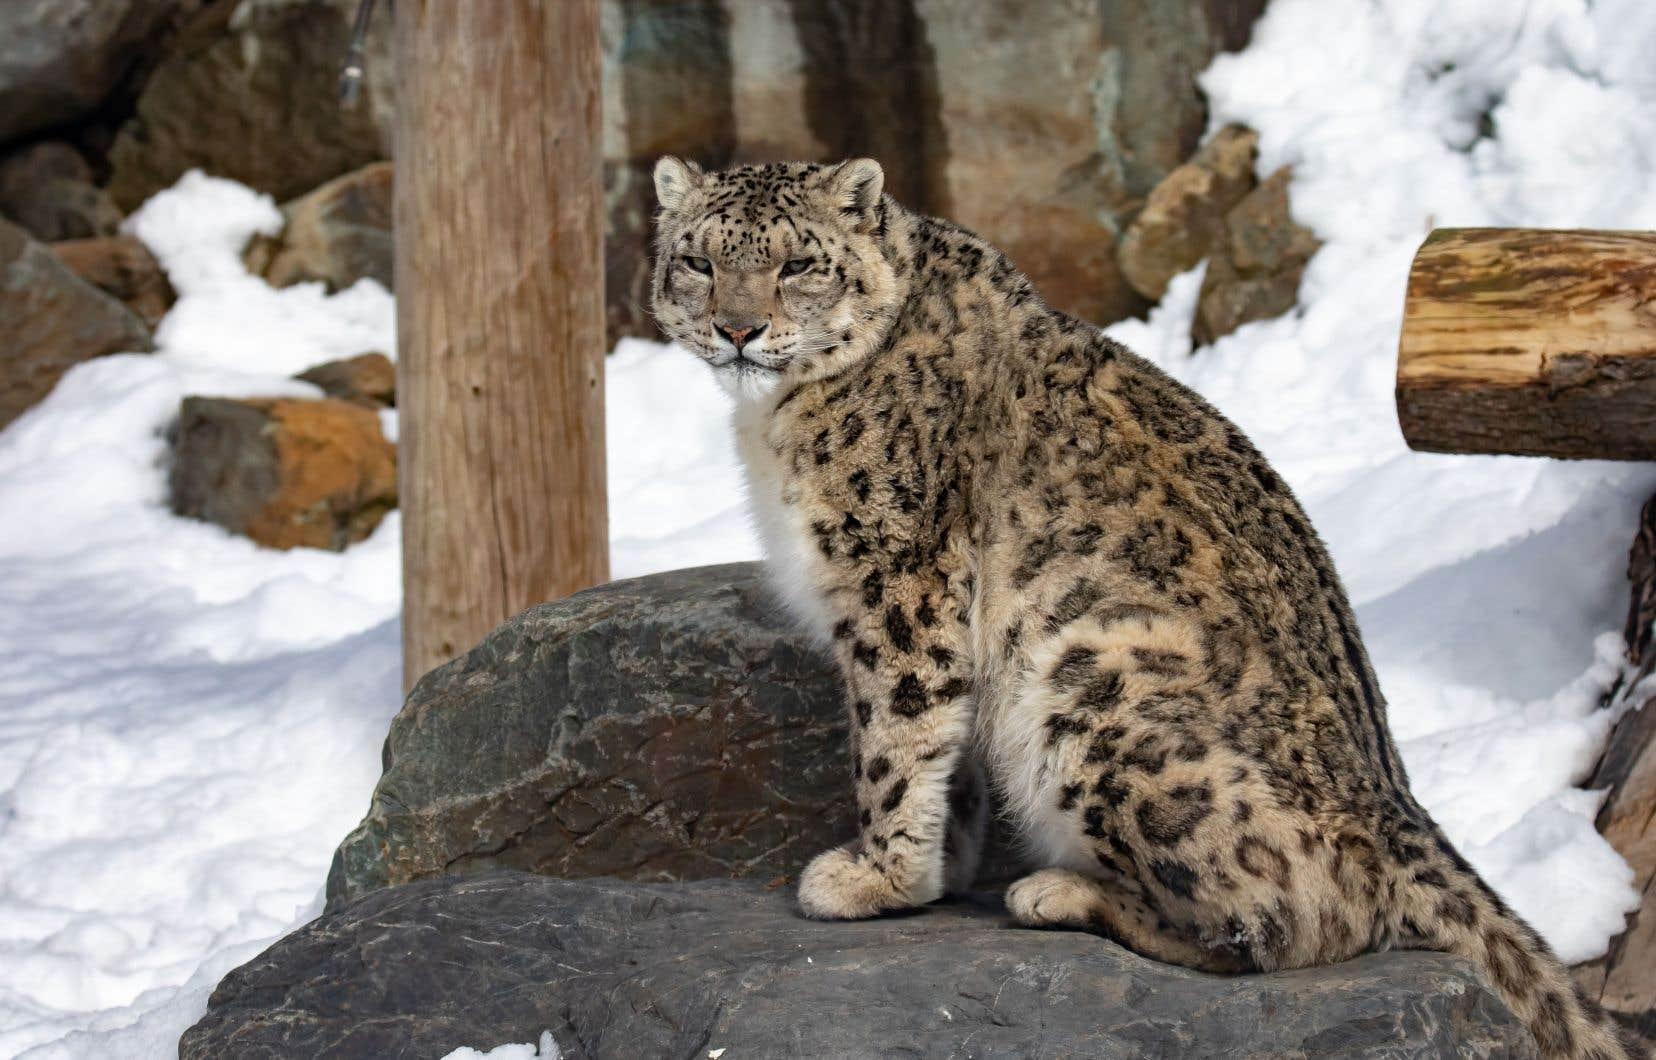 À une époque où de plus en plus d'espèces sont en voie d'extinction, le tourisme lié à l'observation animale permet une trop rare occasion d'admirer des reptiles, oiseaux et mammifères.